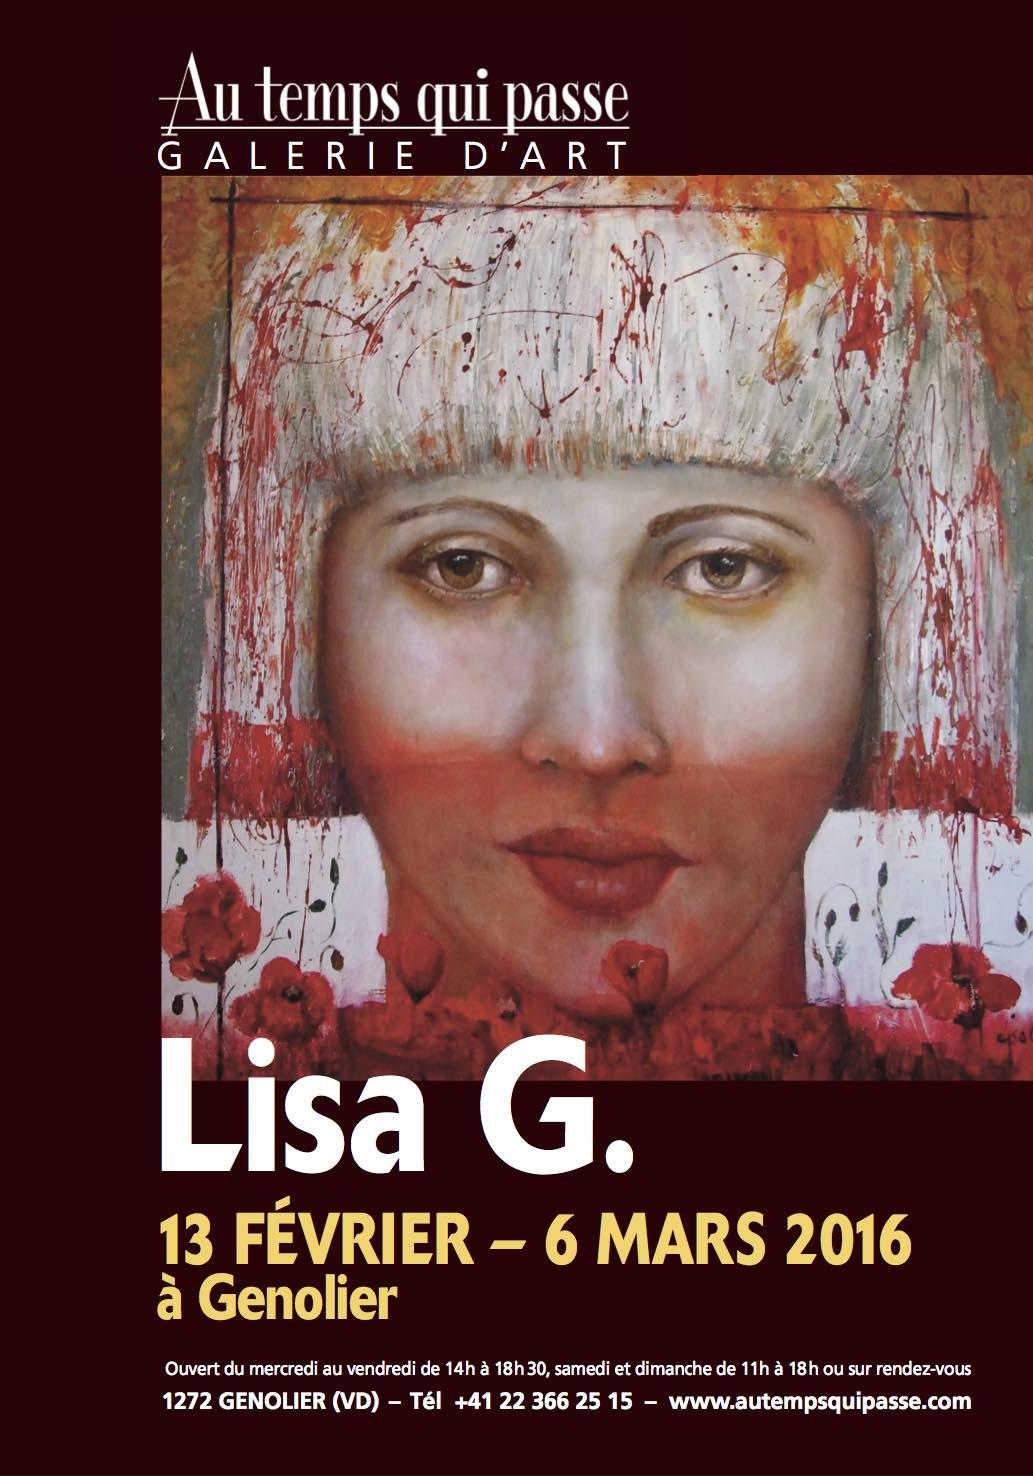 DU 13 Février au 6 mars 2016